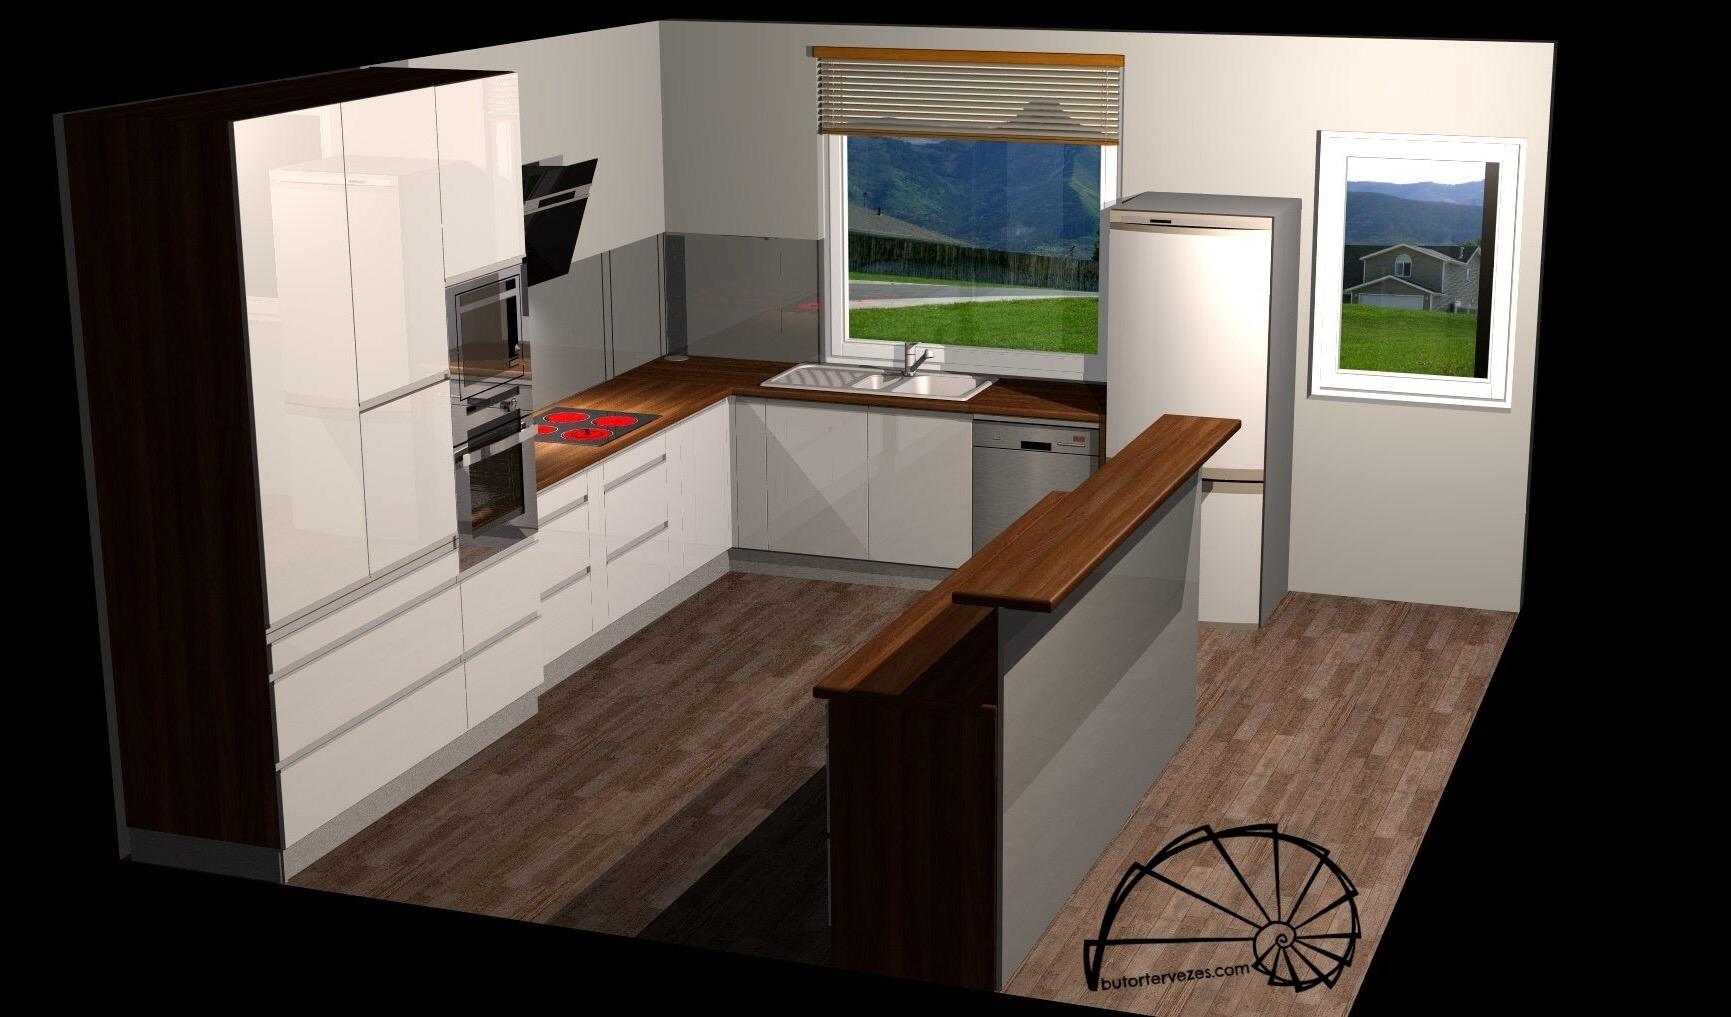 Bútor látványterv, magasfényű konyhabútor, szigettel, élfogantyúval, oldal nézet